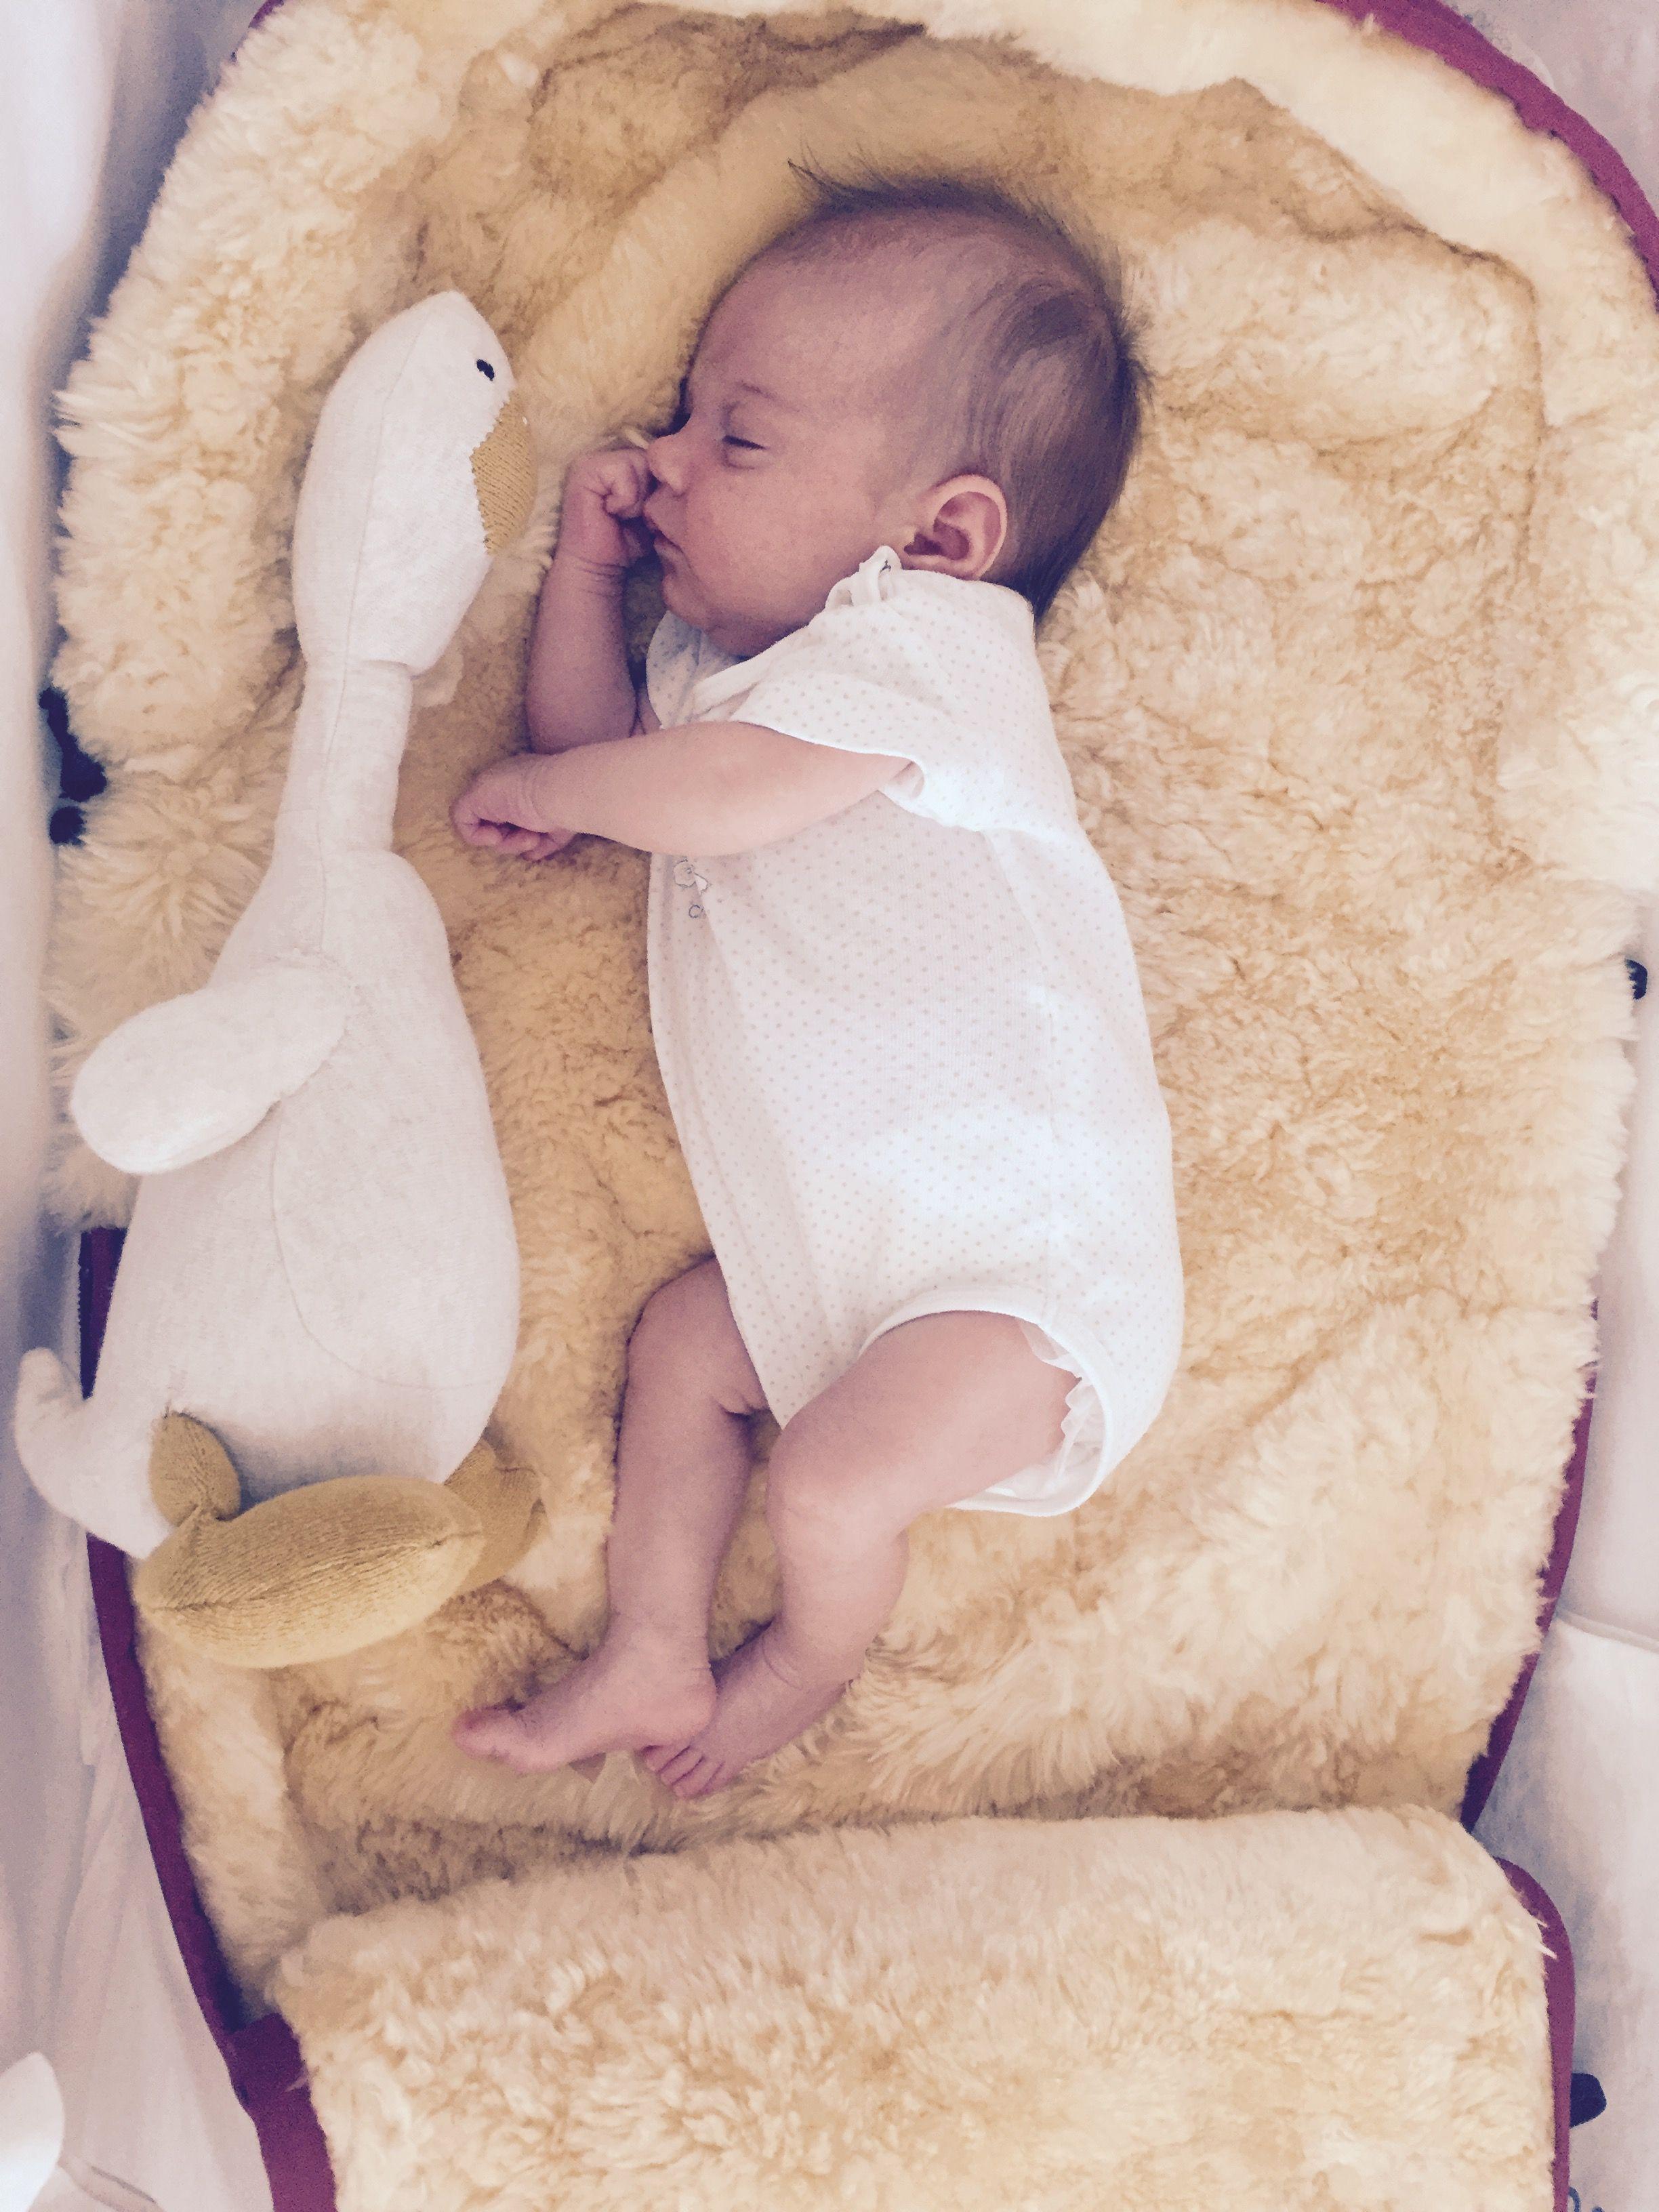 #newborn #anito #filobio